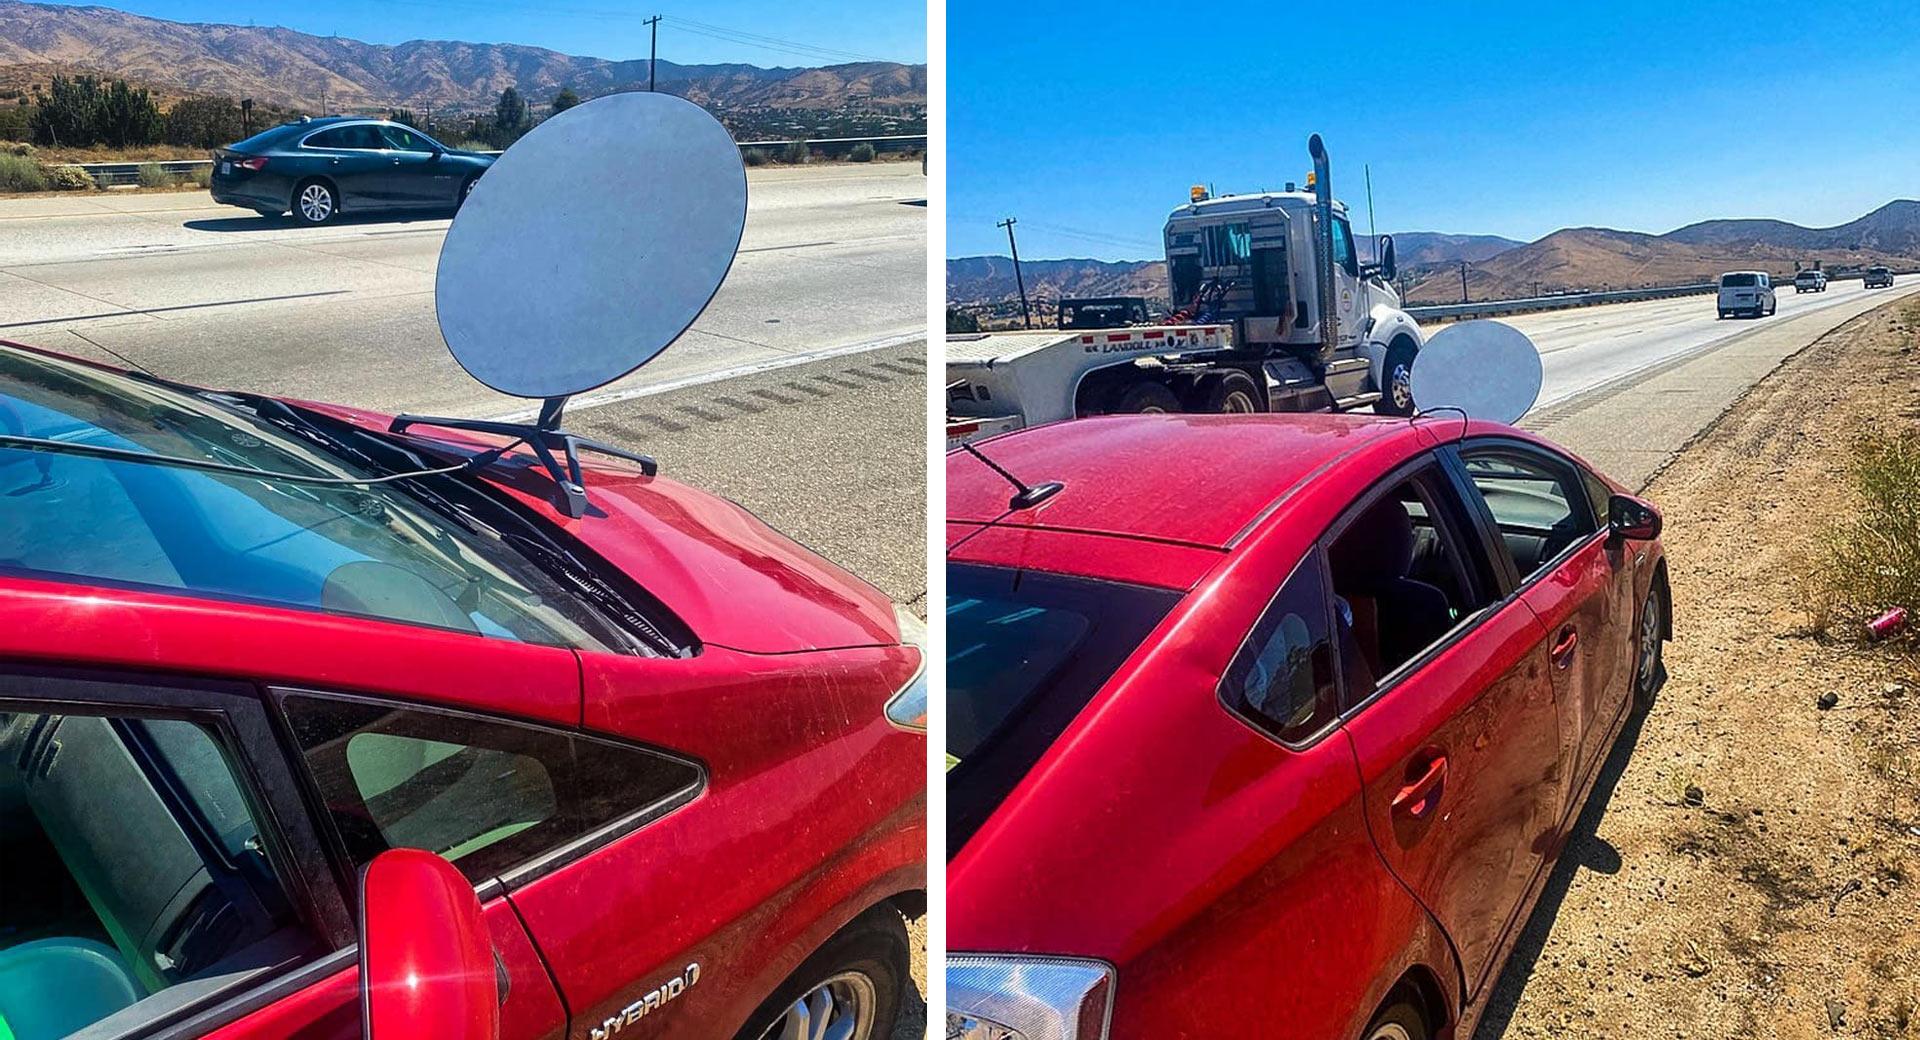 Έβαλε δορυφορικό πιάτο στο καπό του Toyota Prius για να έχει internet! (pics)